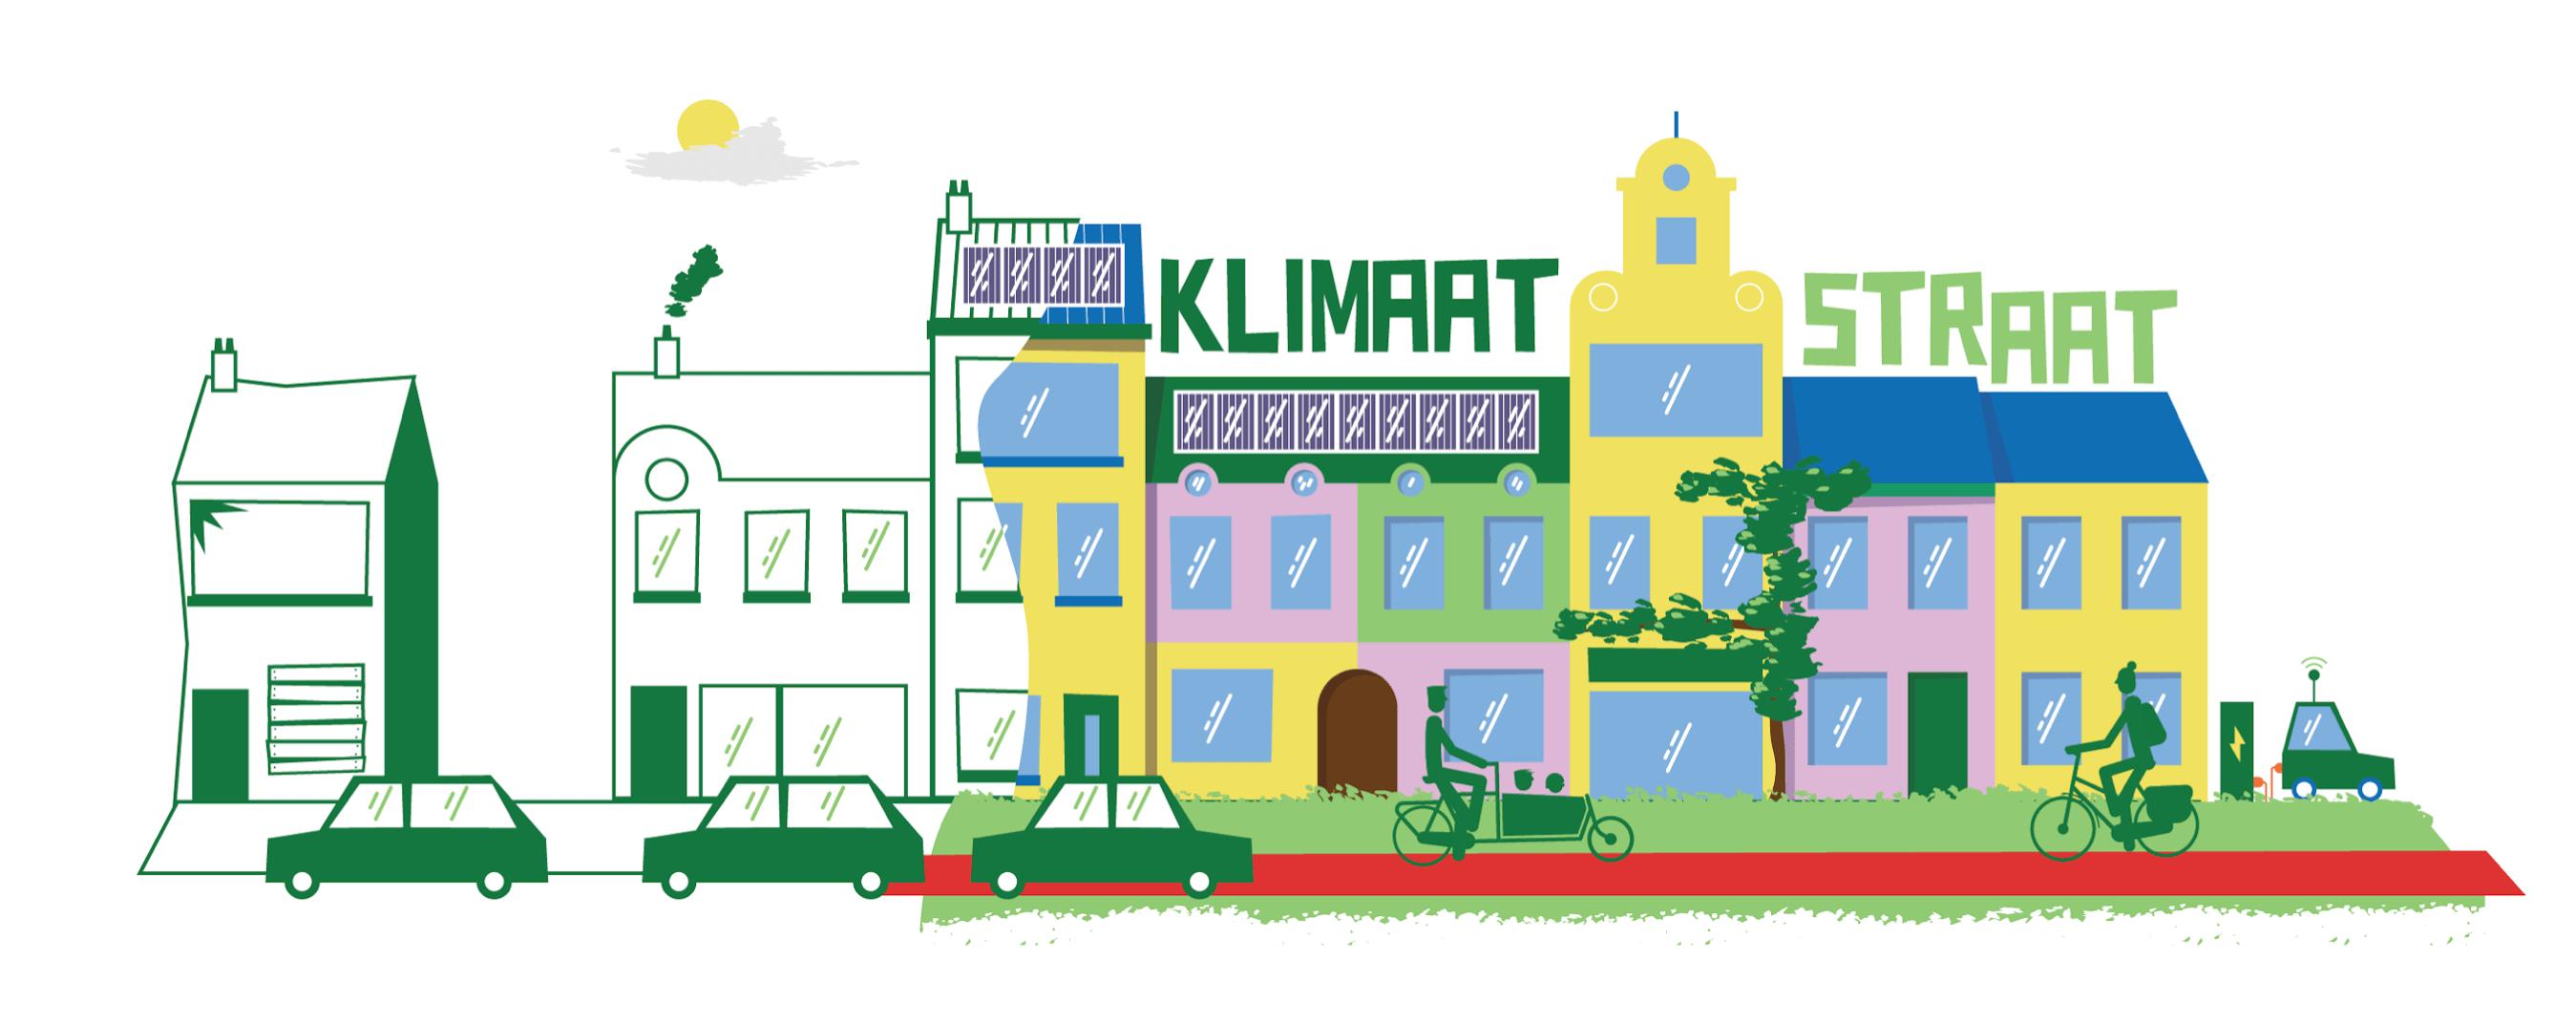 Klimaatstraat